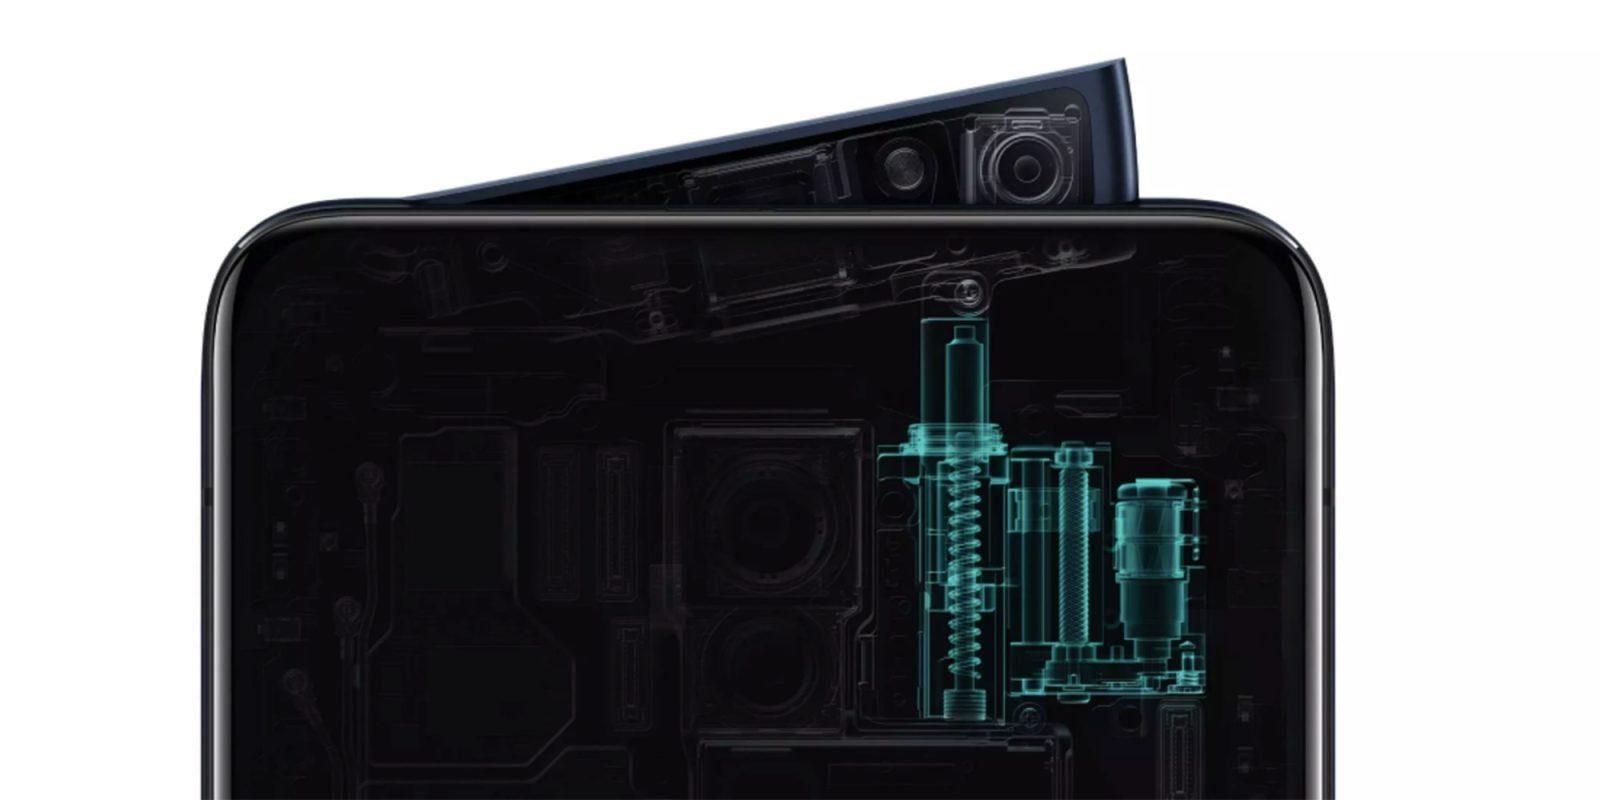 Oppo представила Oppo Reno с необычной клинообразной селфи-камерой (oppo reno pop up camera)